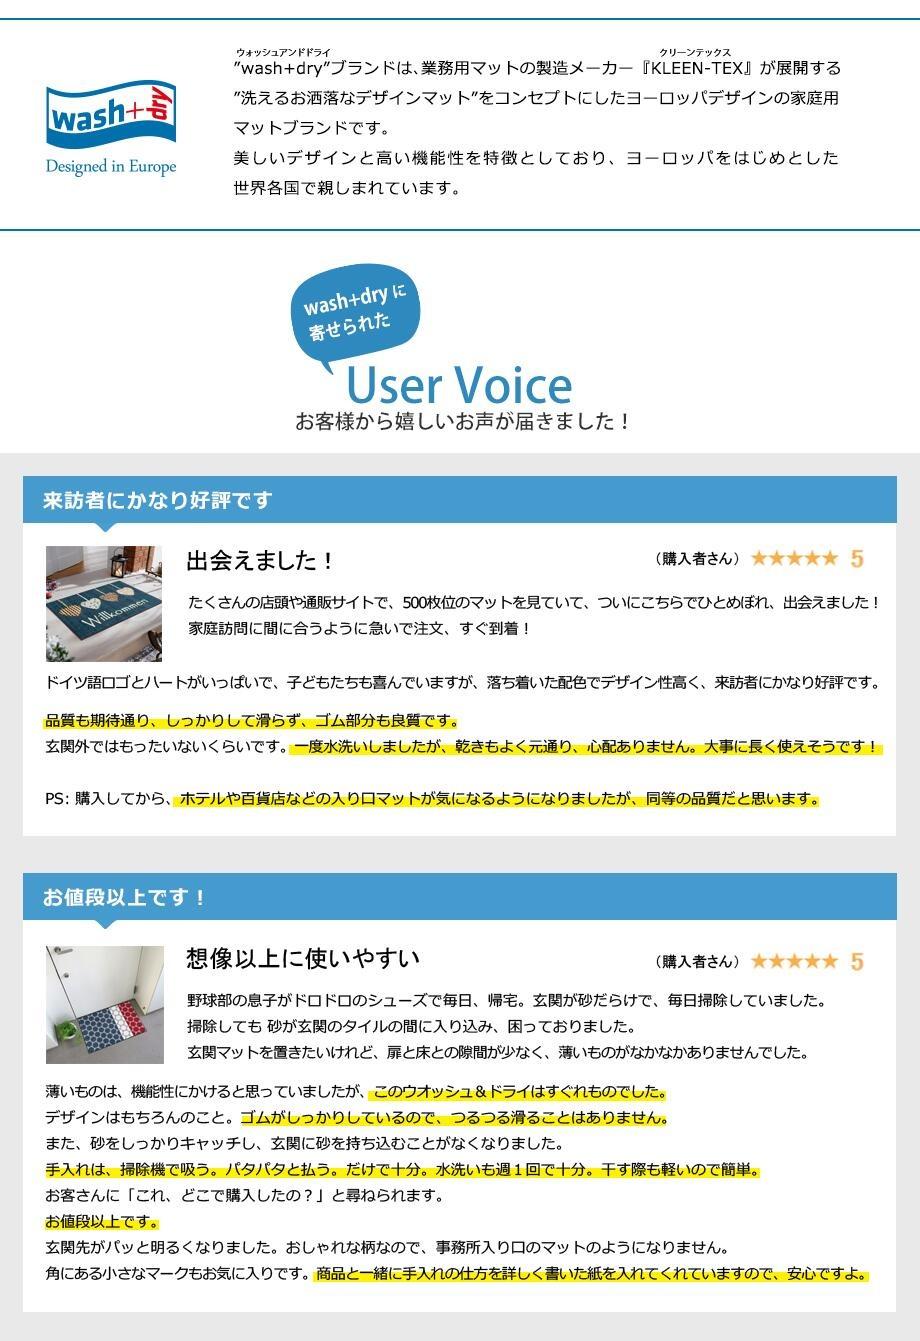 ユーザーのお声